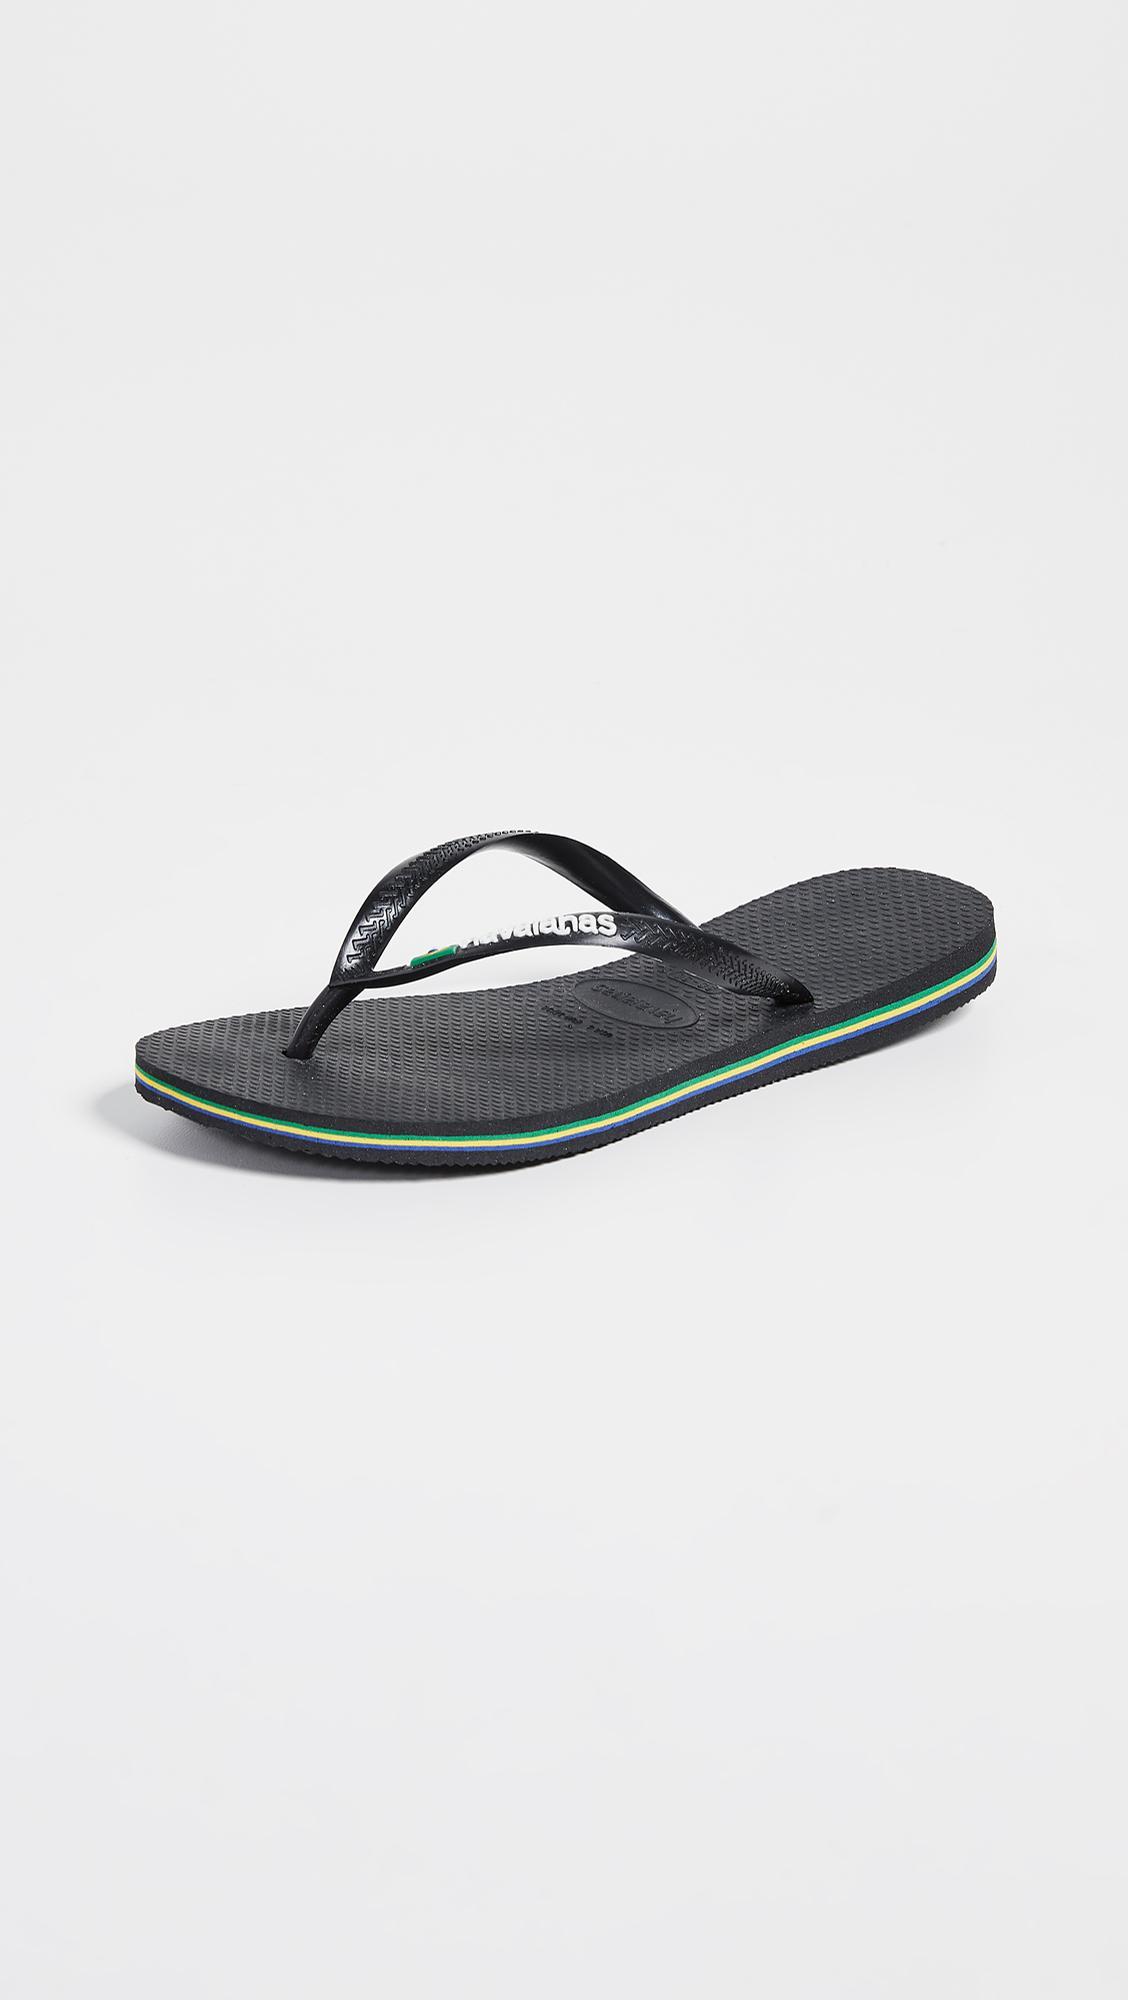 e99aa9897432 Lyst - Havaianas Slim Brazil Flip Flops in Black